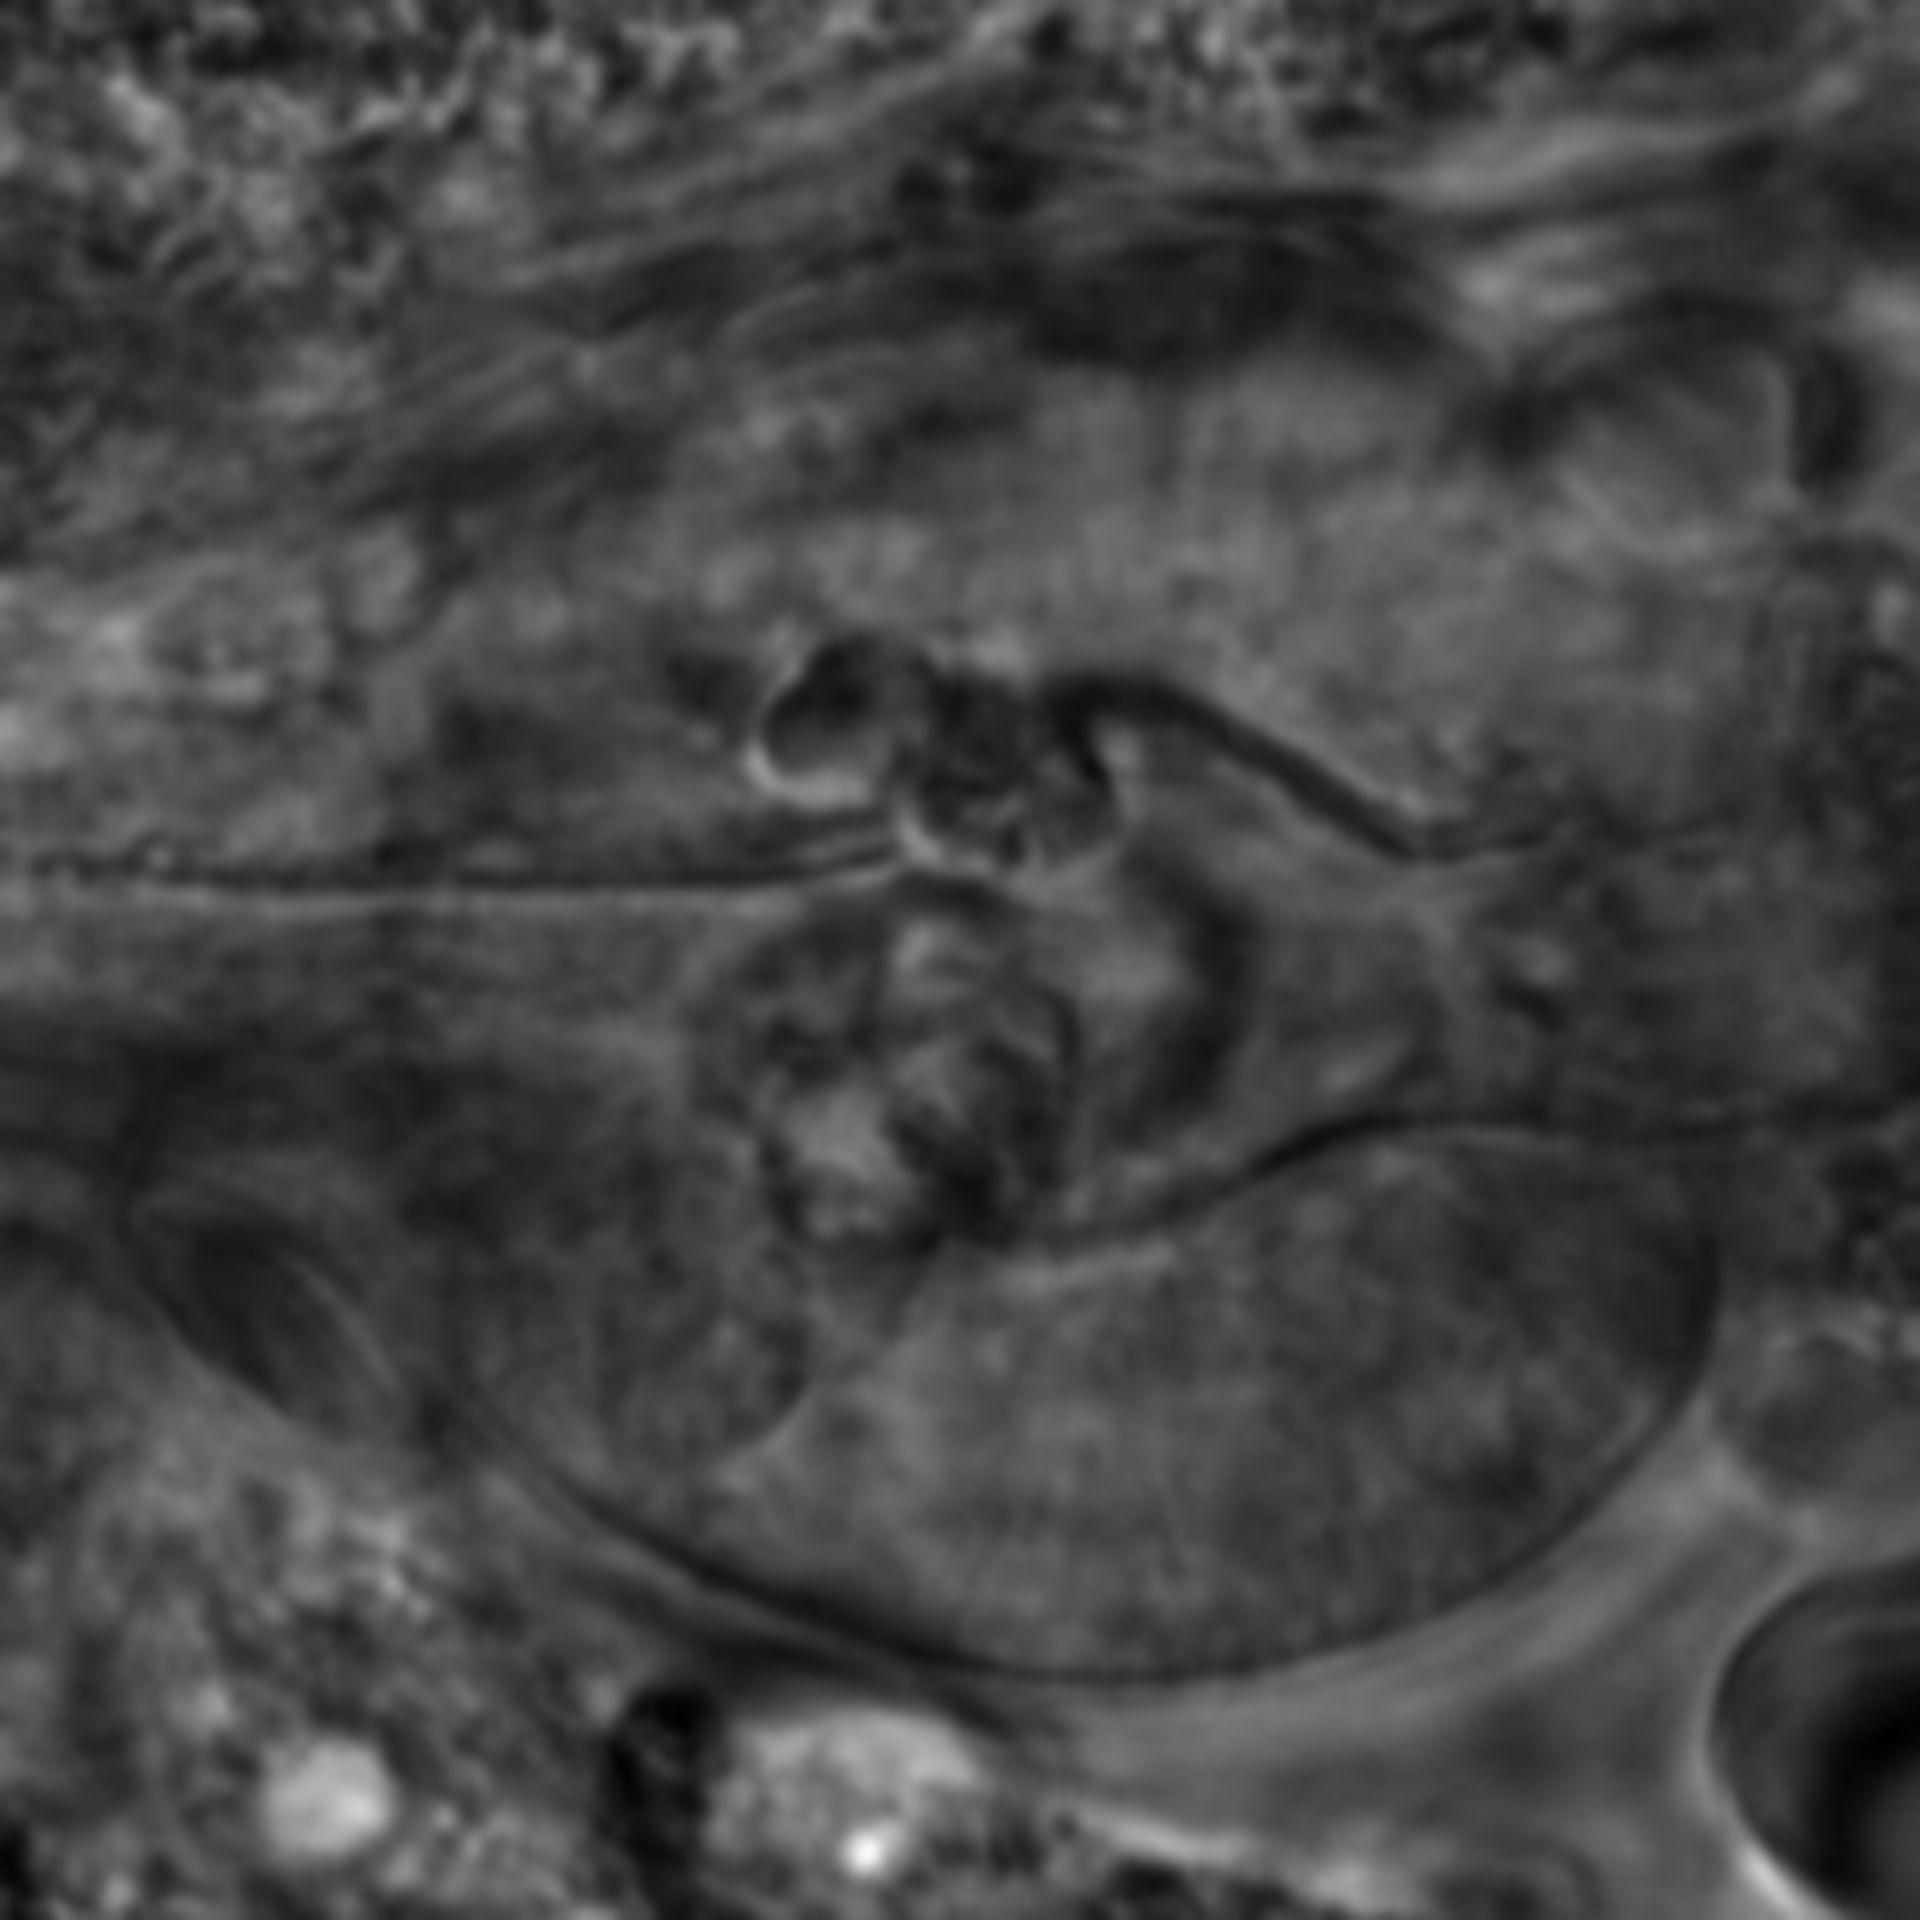 Caenorhabditis elegans - CIL:2689